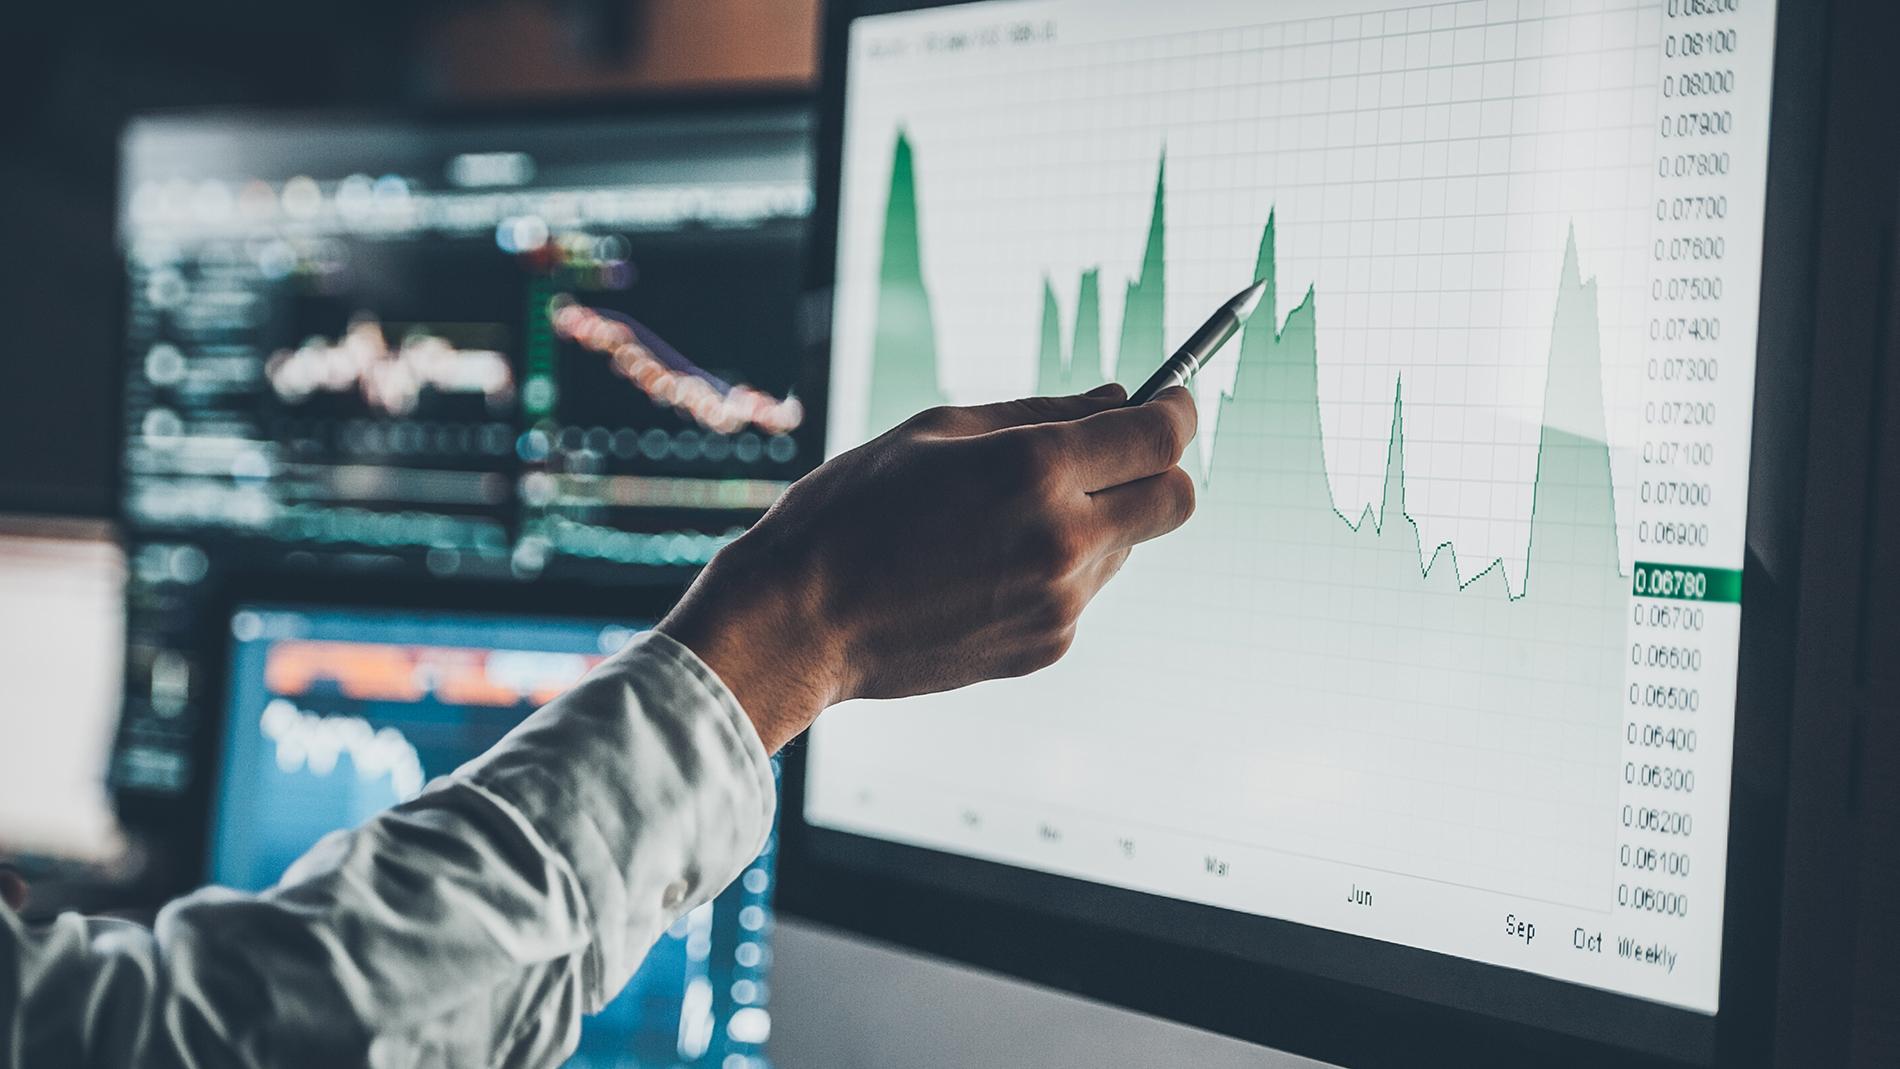 Топ-10 самых доходных и рискованных инвестиций апреля: чем запомнится этот месяц